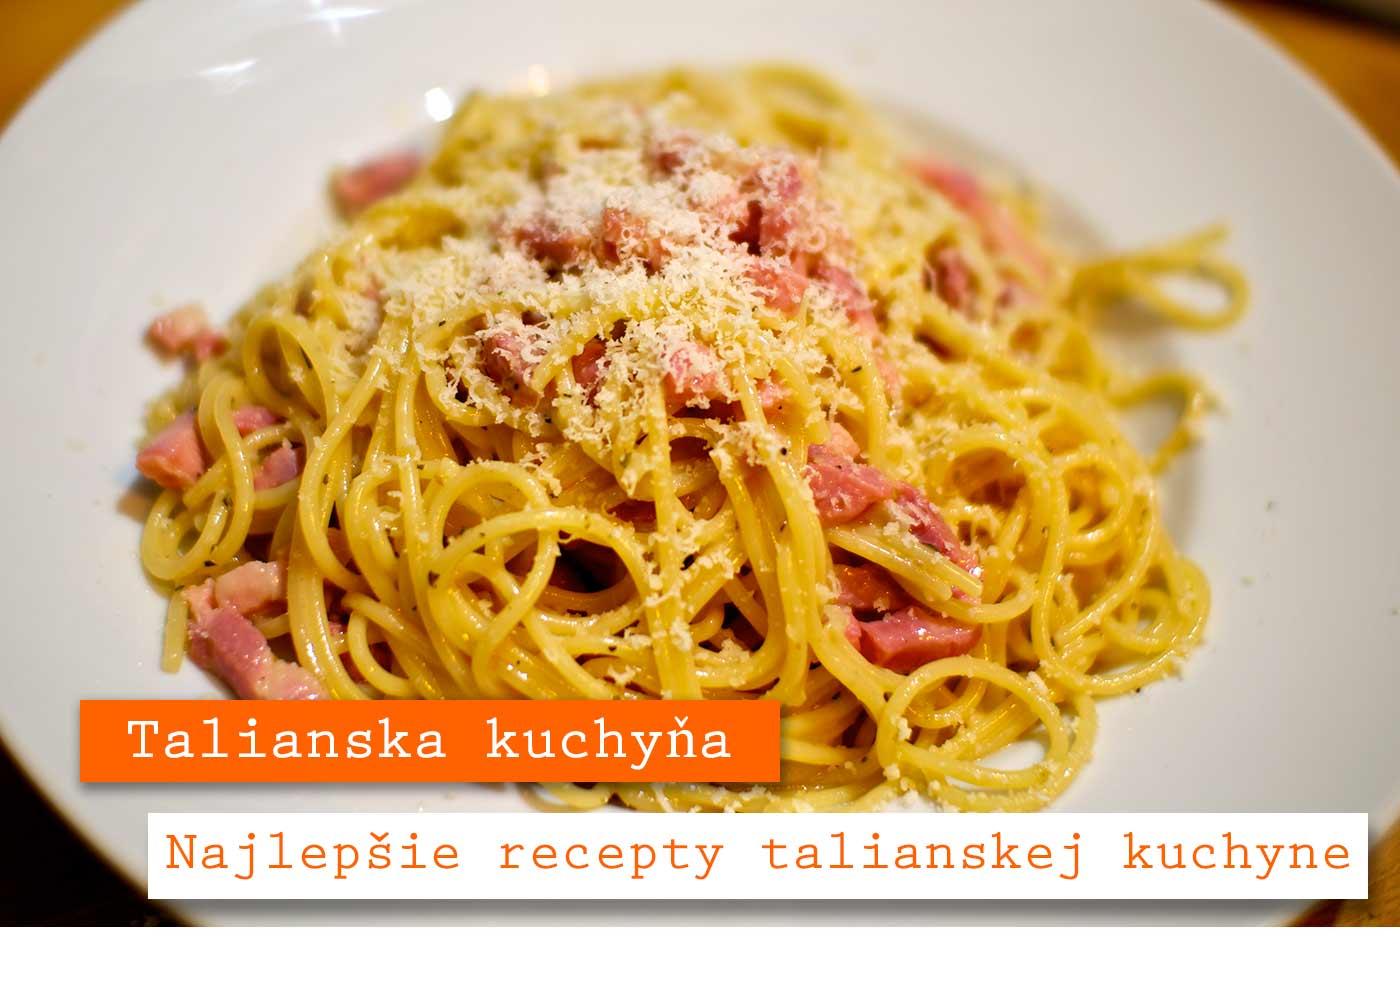 Talianska-kuchyňa Vegetariánske recepty, pripravte si vegetariánsku stravu